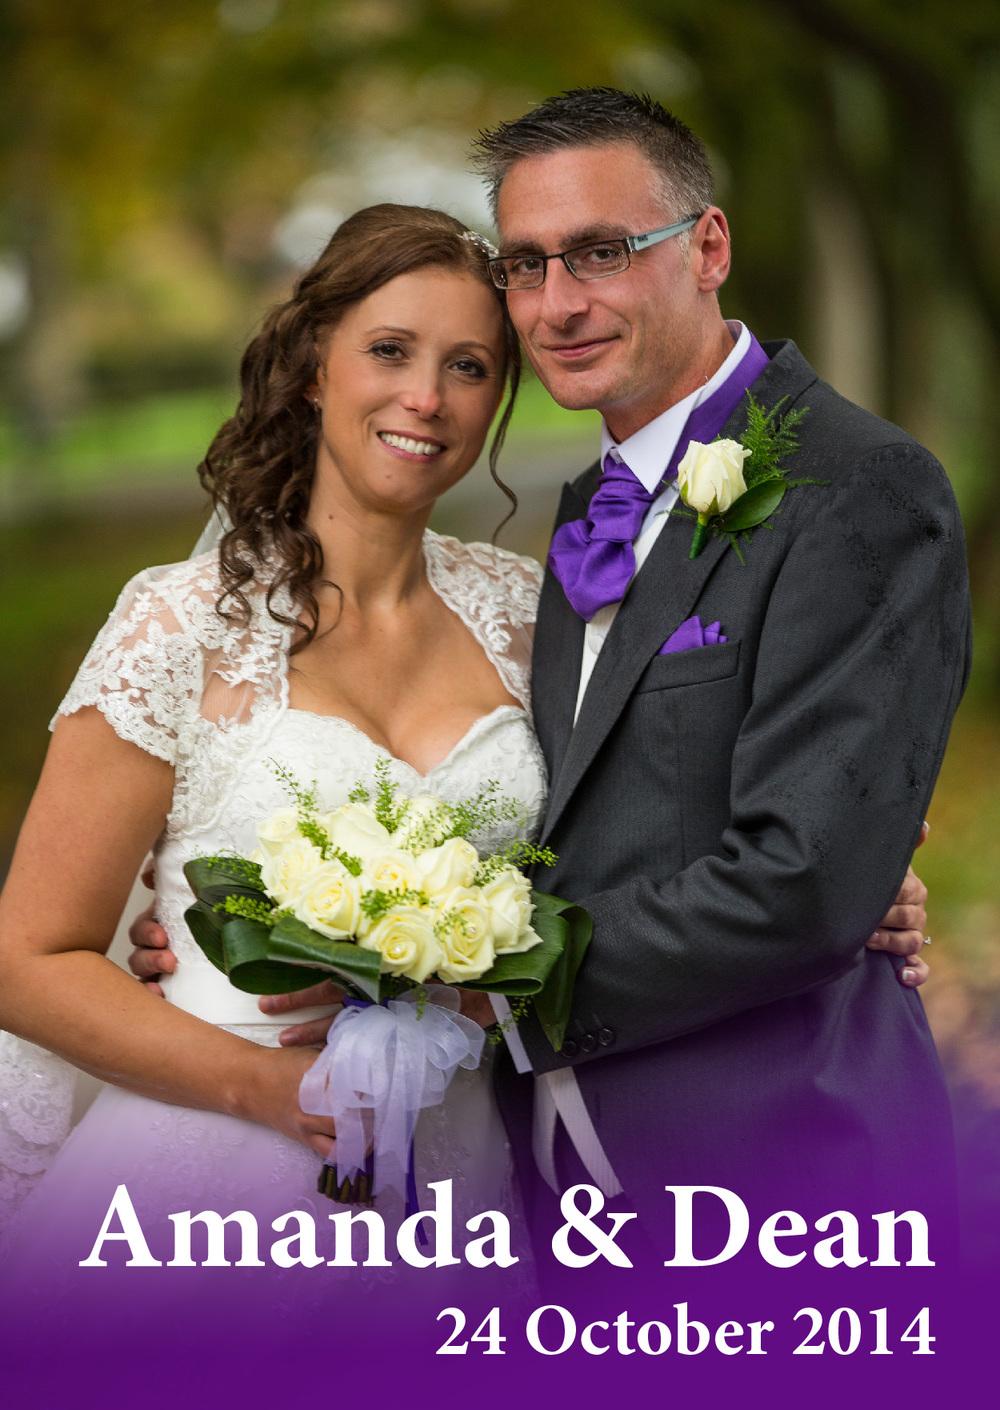 Amanda & Dean's Wedding